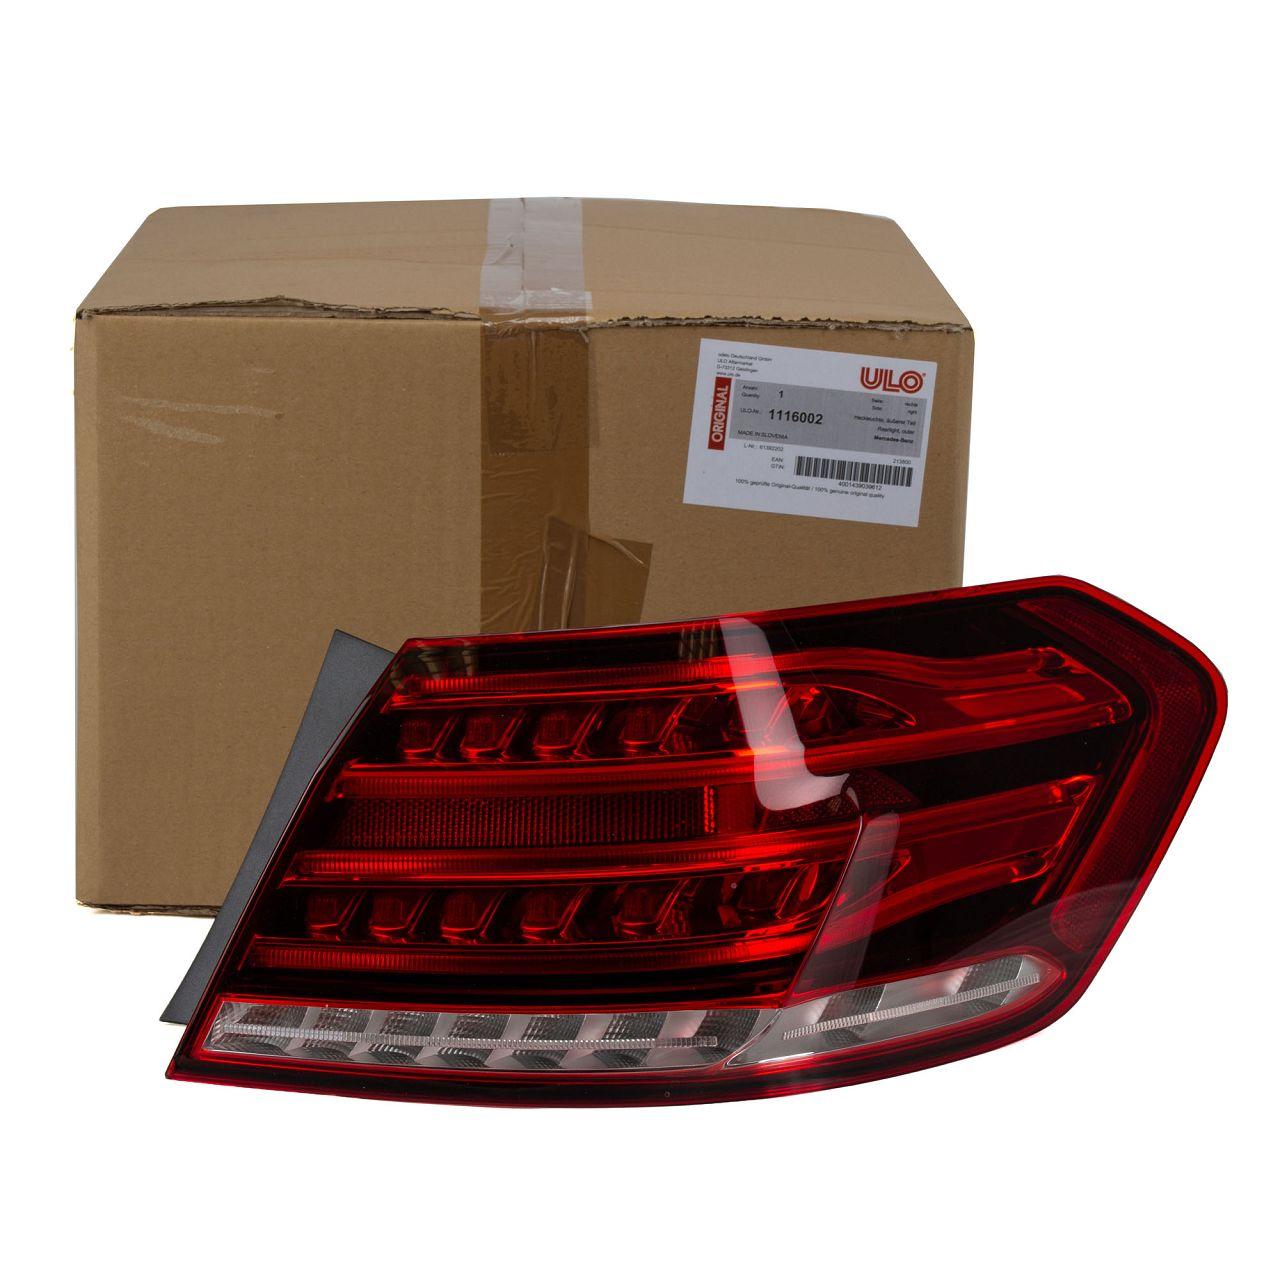 ULO Heckleuchte Rückleuchte für MERCEDES E-KLASSE W212 ab 07.2013 aussen rechts